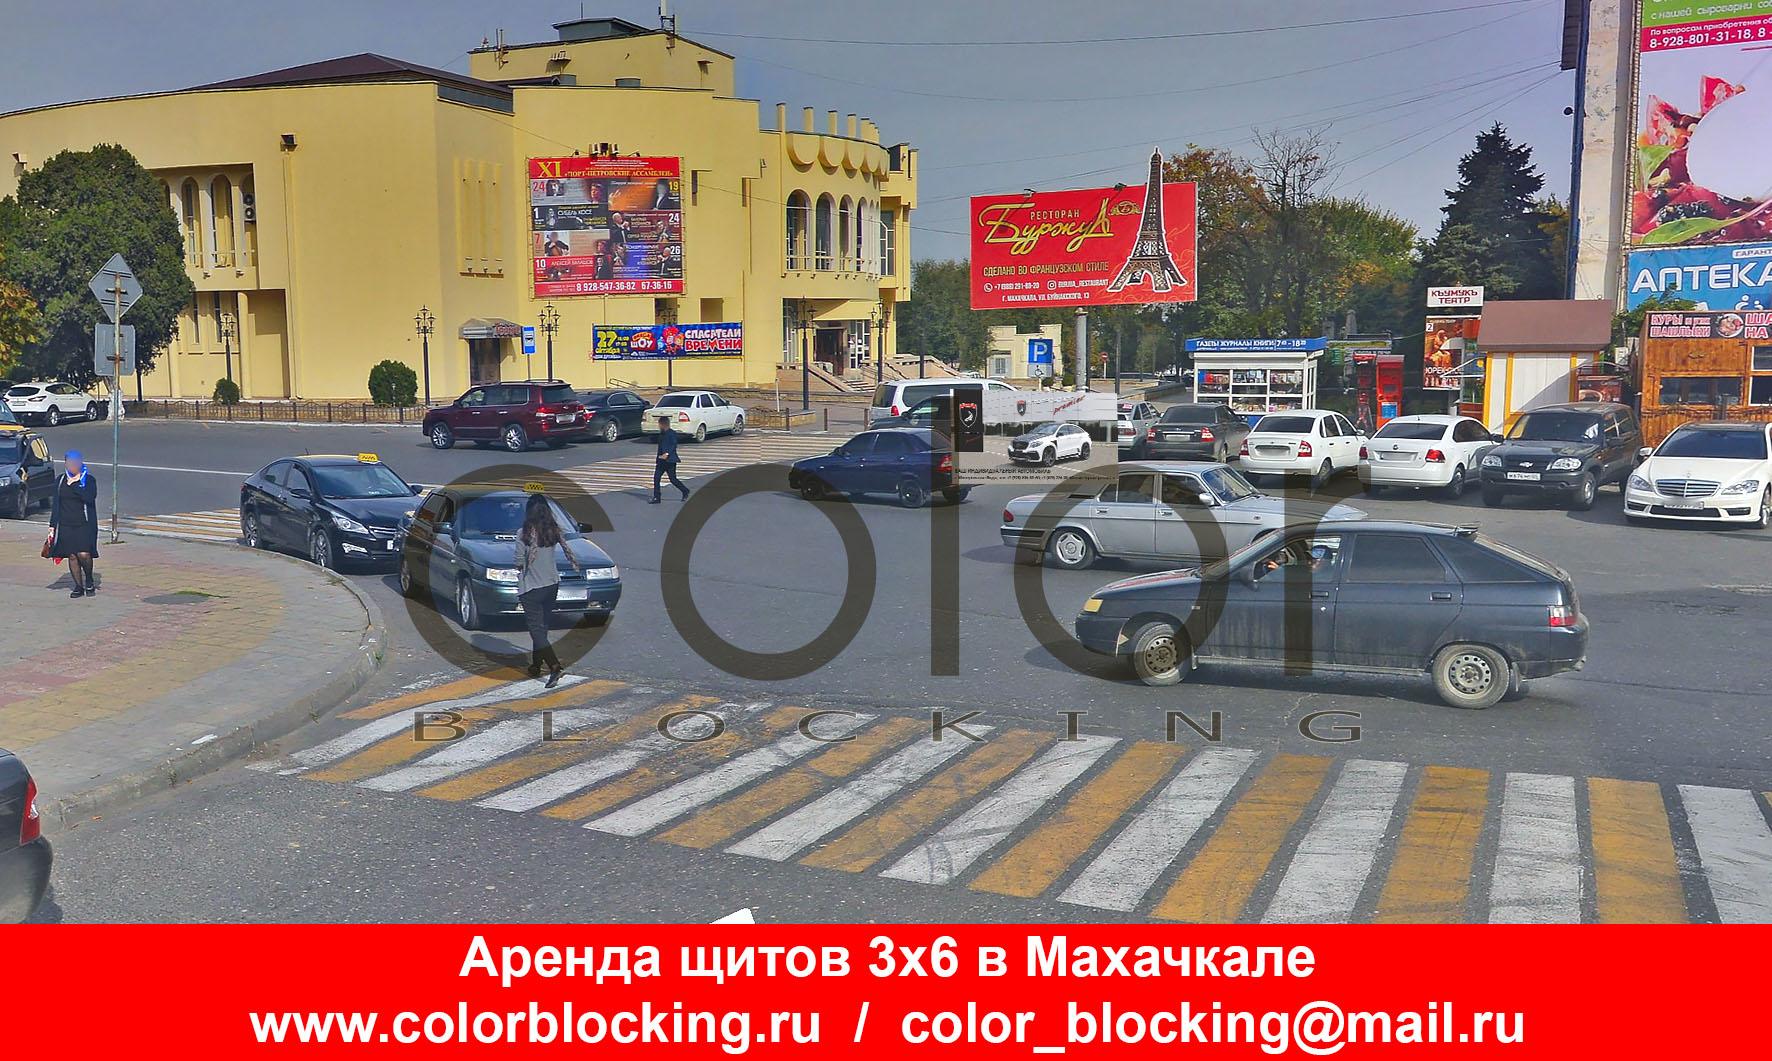 Наружная реклама в Махачкале статичная